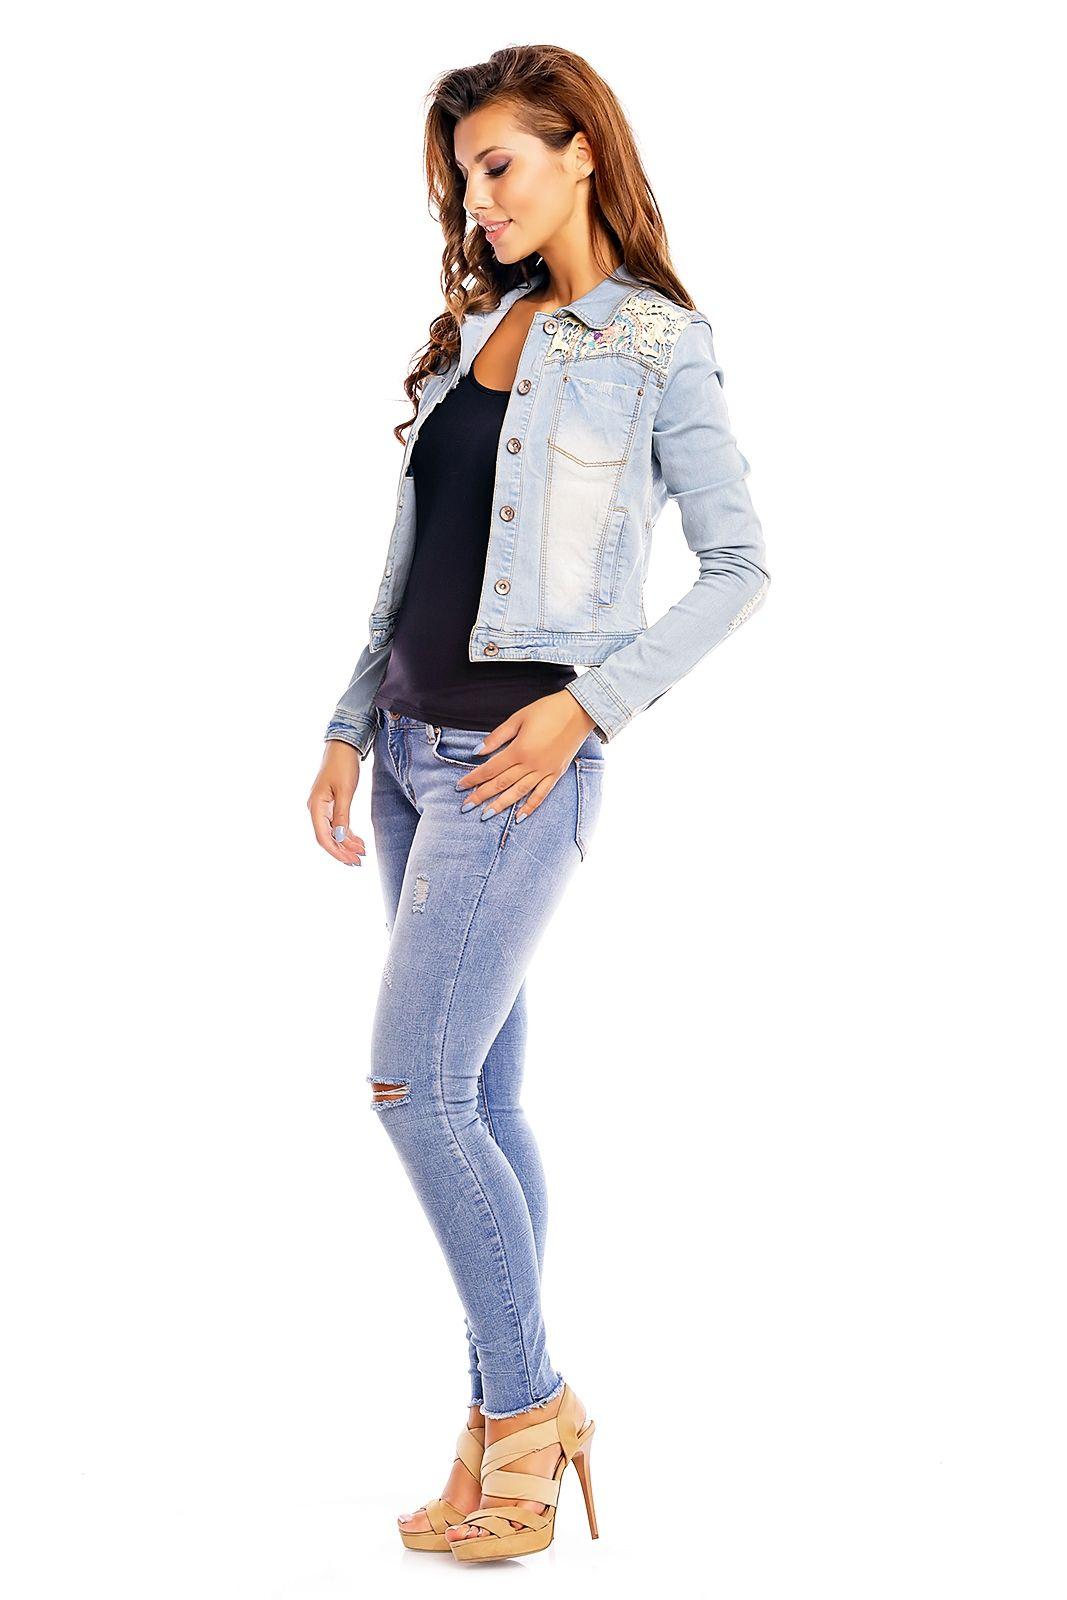 Denim spijkerjack gemaakt van een geweven kwaliteit met used details. Het model heeft een kant detail, lange mouwen en sluit met jeansknopen. Denim kleding online EB Plaza